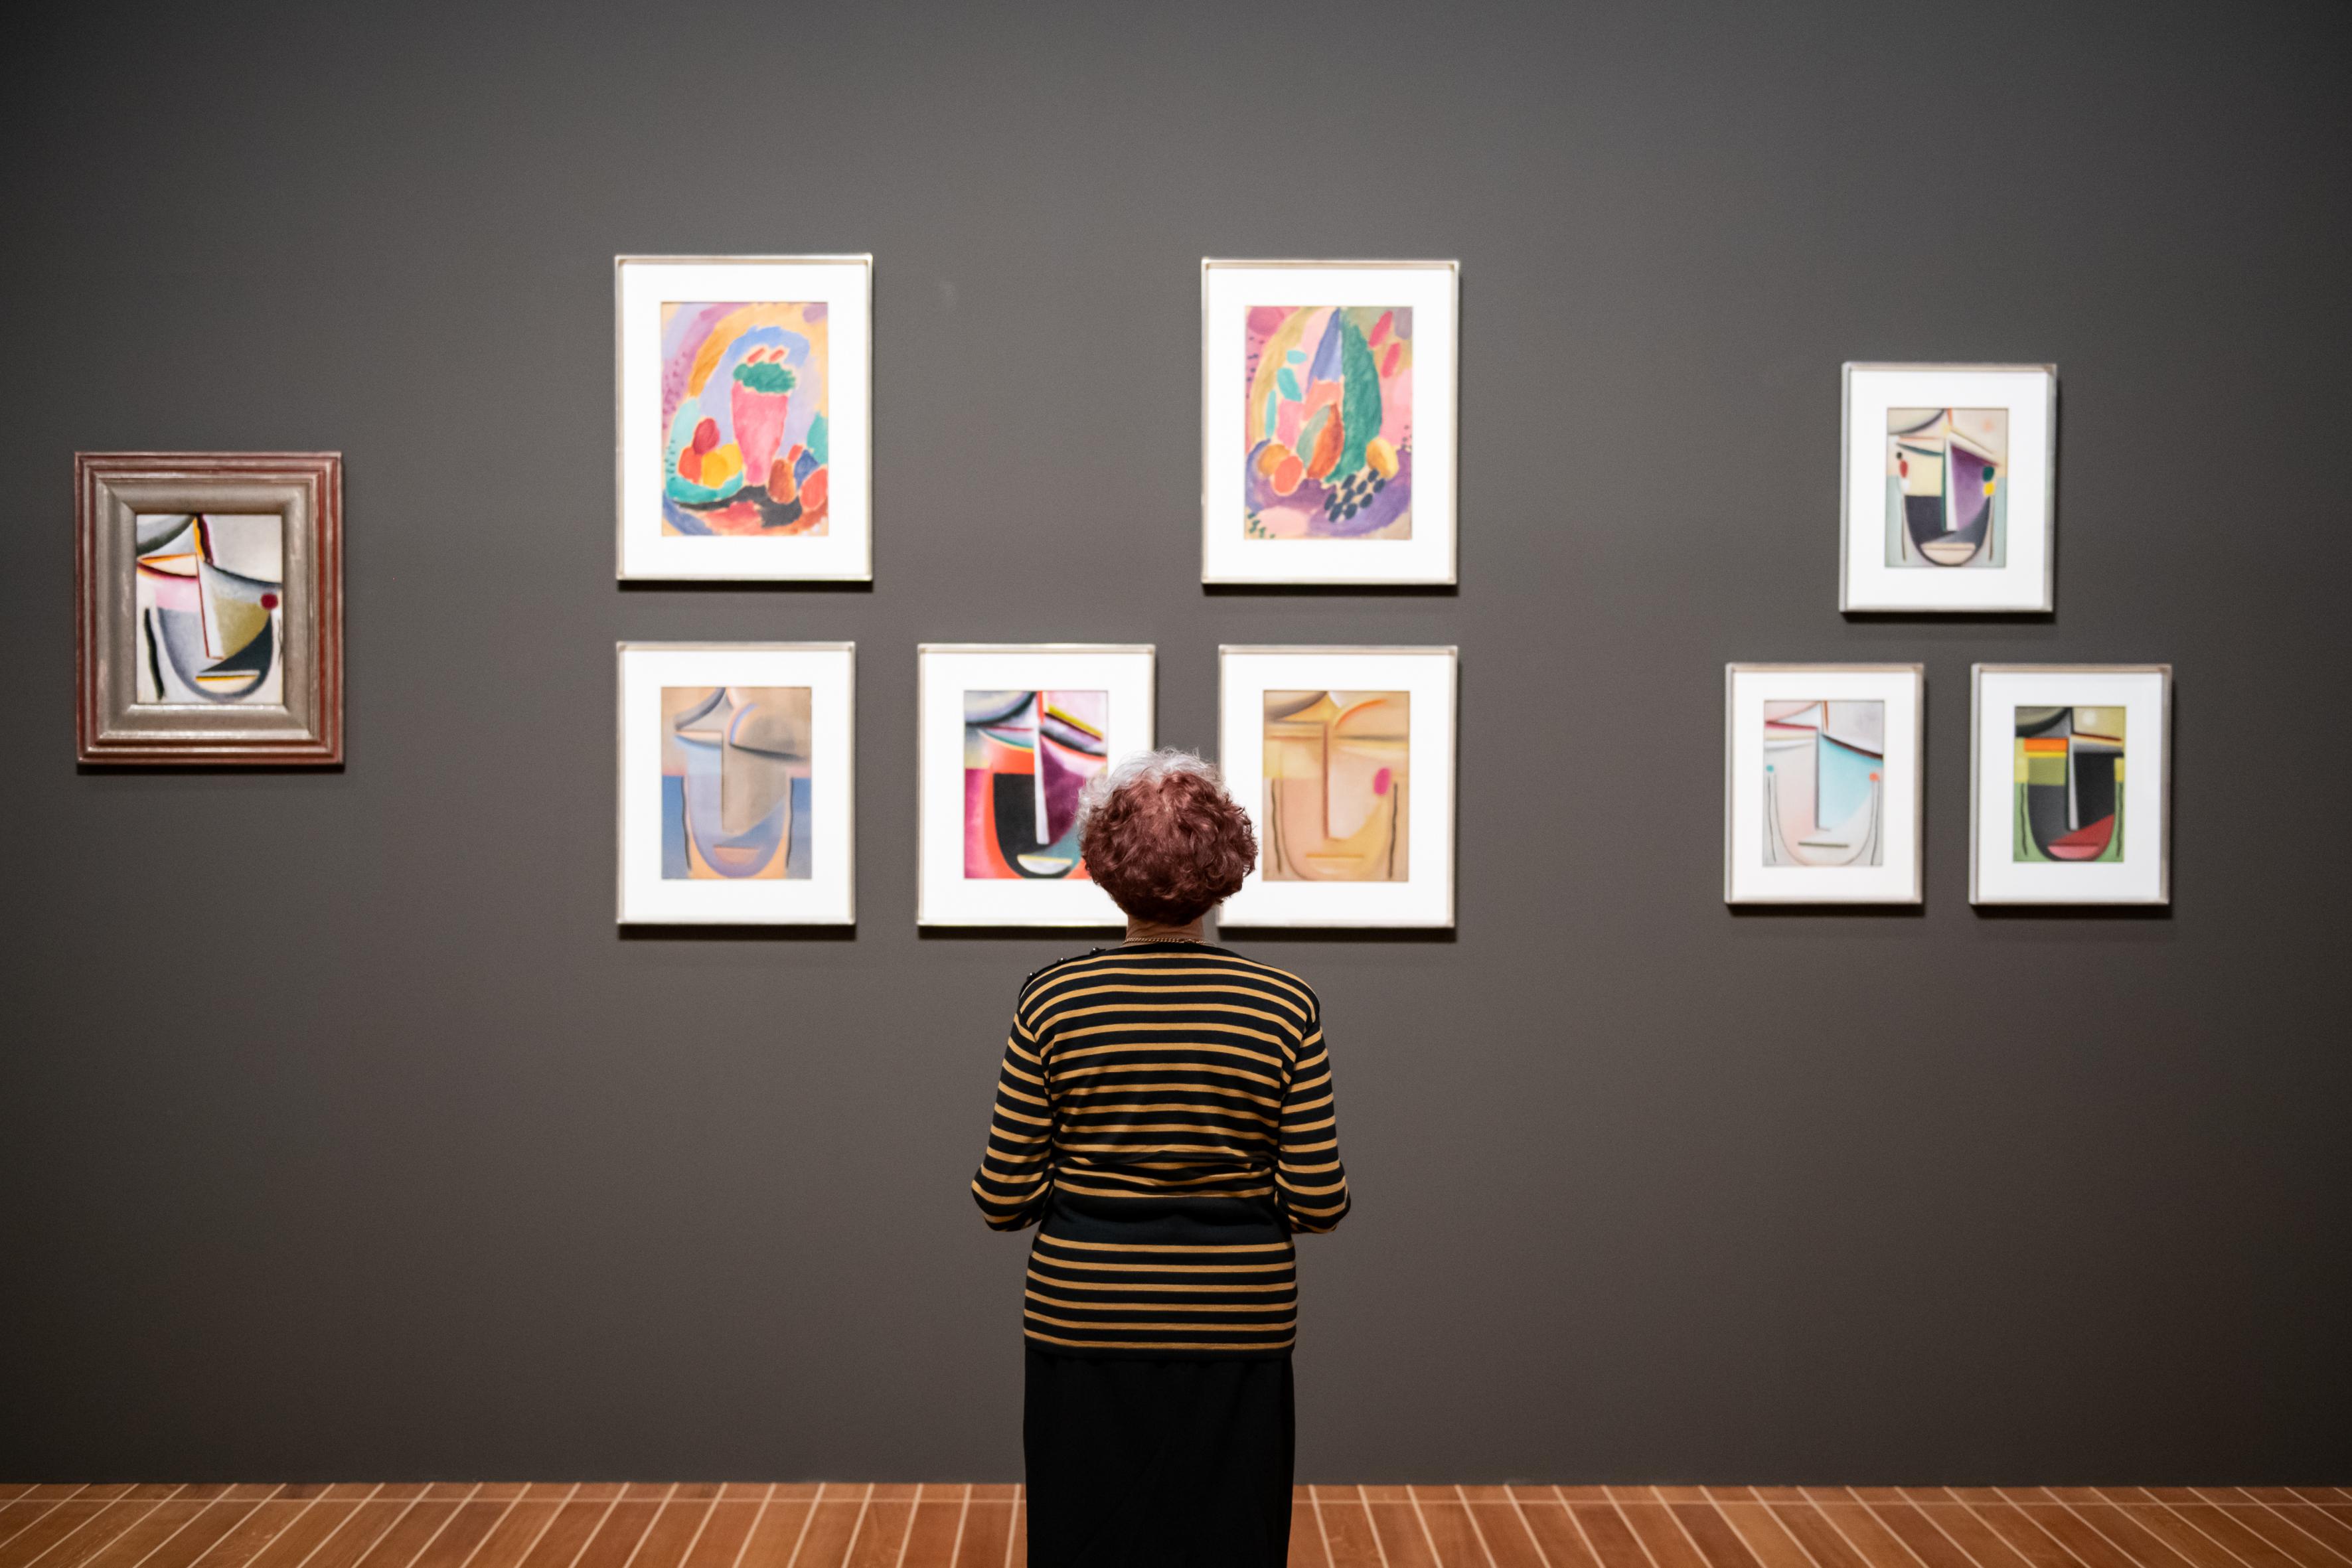 ###Fondation et Collection Im Obersteg###La fondation Im Obersteg a été créée en 1992 par Doris Im Obersteg-Lerch (1931-2015). Depuis 2004, son siège se trouve à Bâle et son fonds – la collection d'art moderne constituée par Karl et Jürg Im Obersteg – est en dépôt au Kunstmuseum Basel qui expose en permanence une grande partie des œuvres. La collection comprend près de 190 œuvres, peintures, sculptures, travaux sur papier ainsi qu'un nombre important de correspondances d'artistes. > [Plus d'info](https://kunstmuseumbasel.ch/fr/collection/collections-particuli%C3%A8res/fondation-im-obersteg)